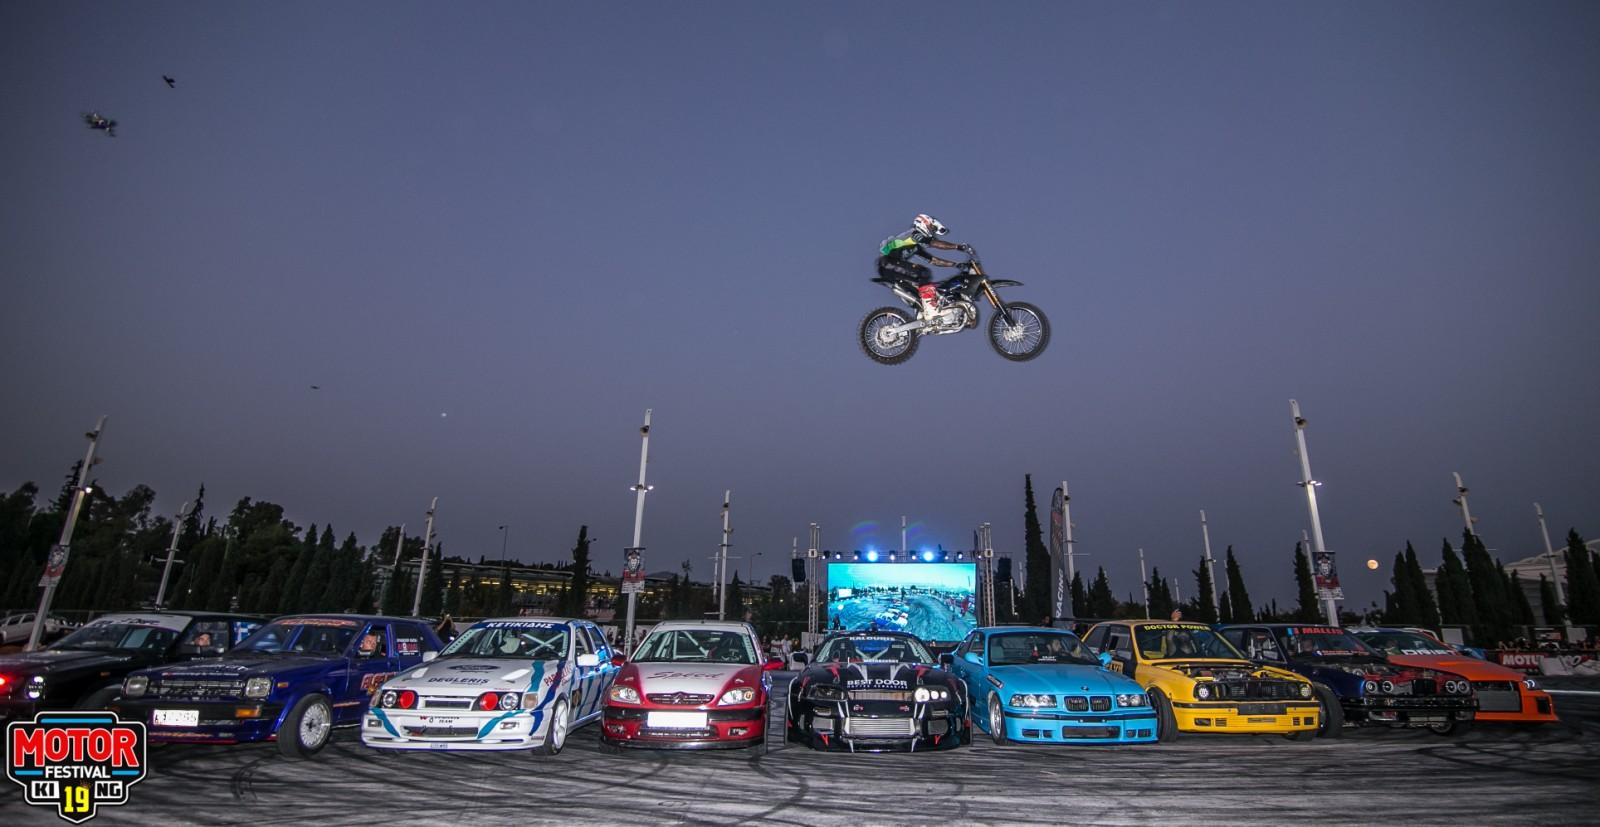 19o Motor Festival: Διαφήμιση για τον μηχανοκίνητο αθλητισμό!